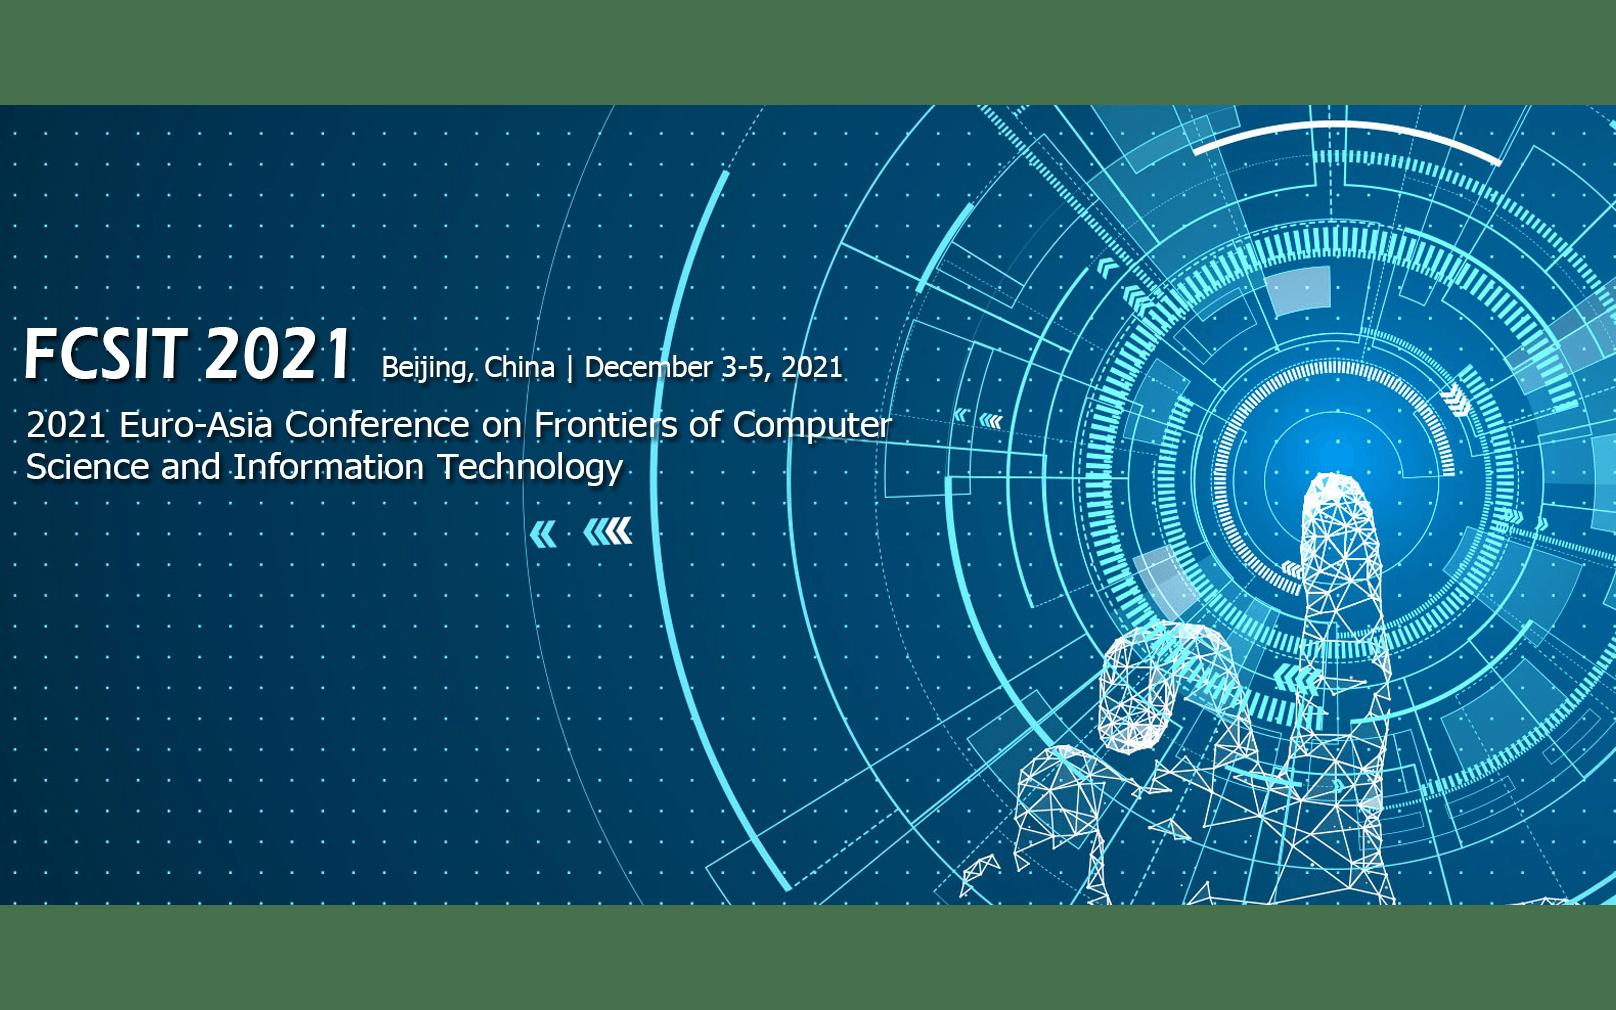 2021第三届欧亚计算机科学与信息技术国际会议(FCSIT 2021)EI检索